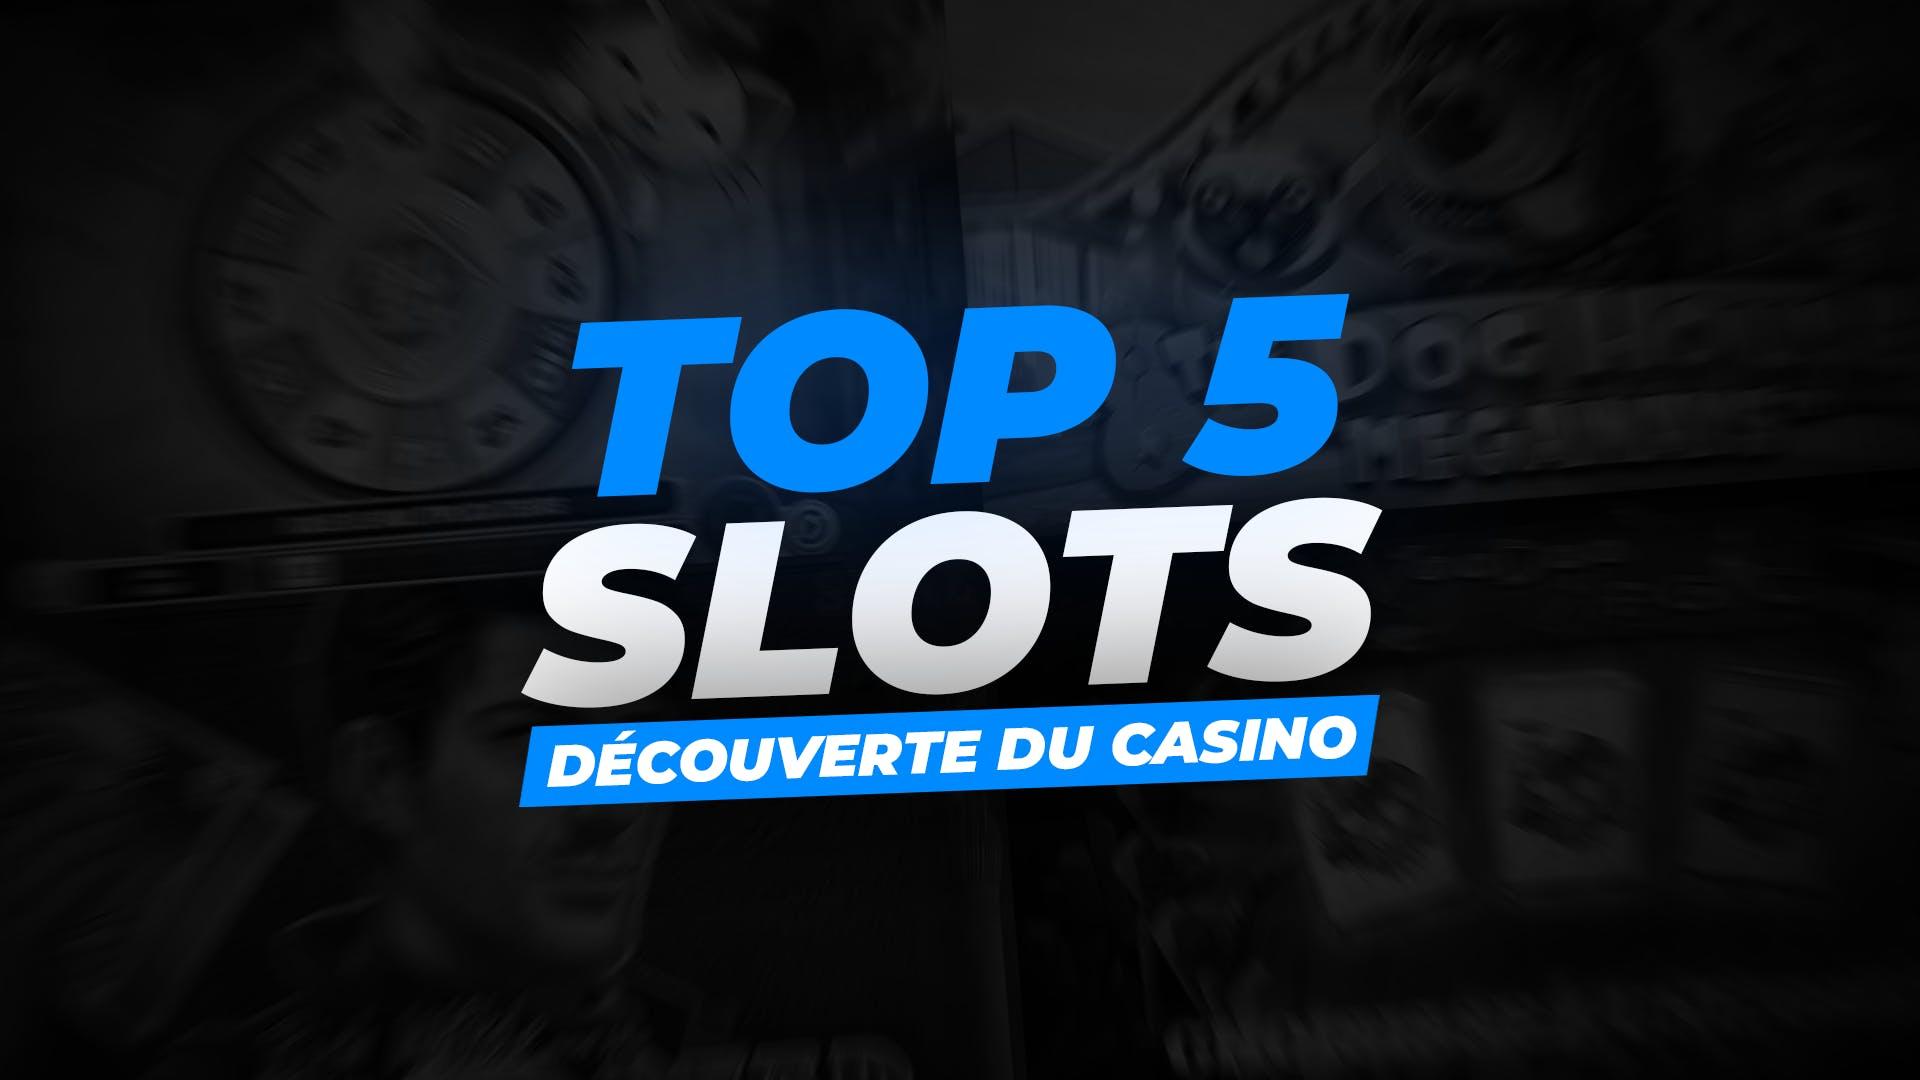 Miniature Article Top 5 Slots pour découvrir le monde du casino